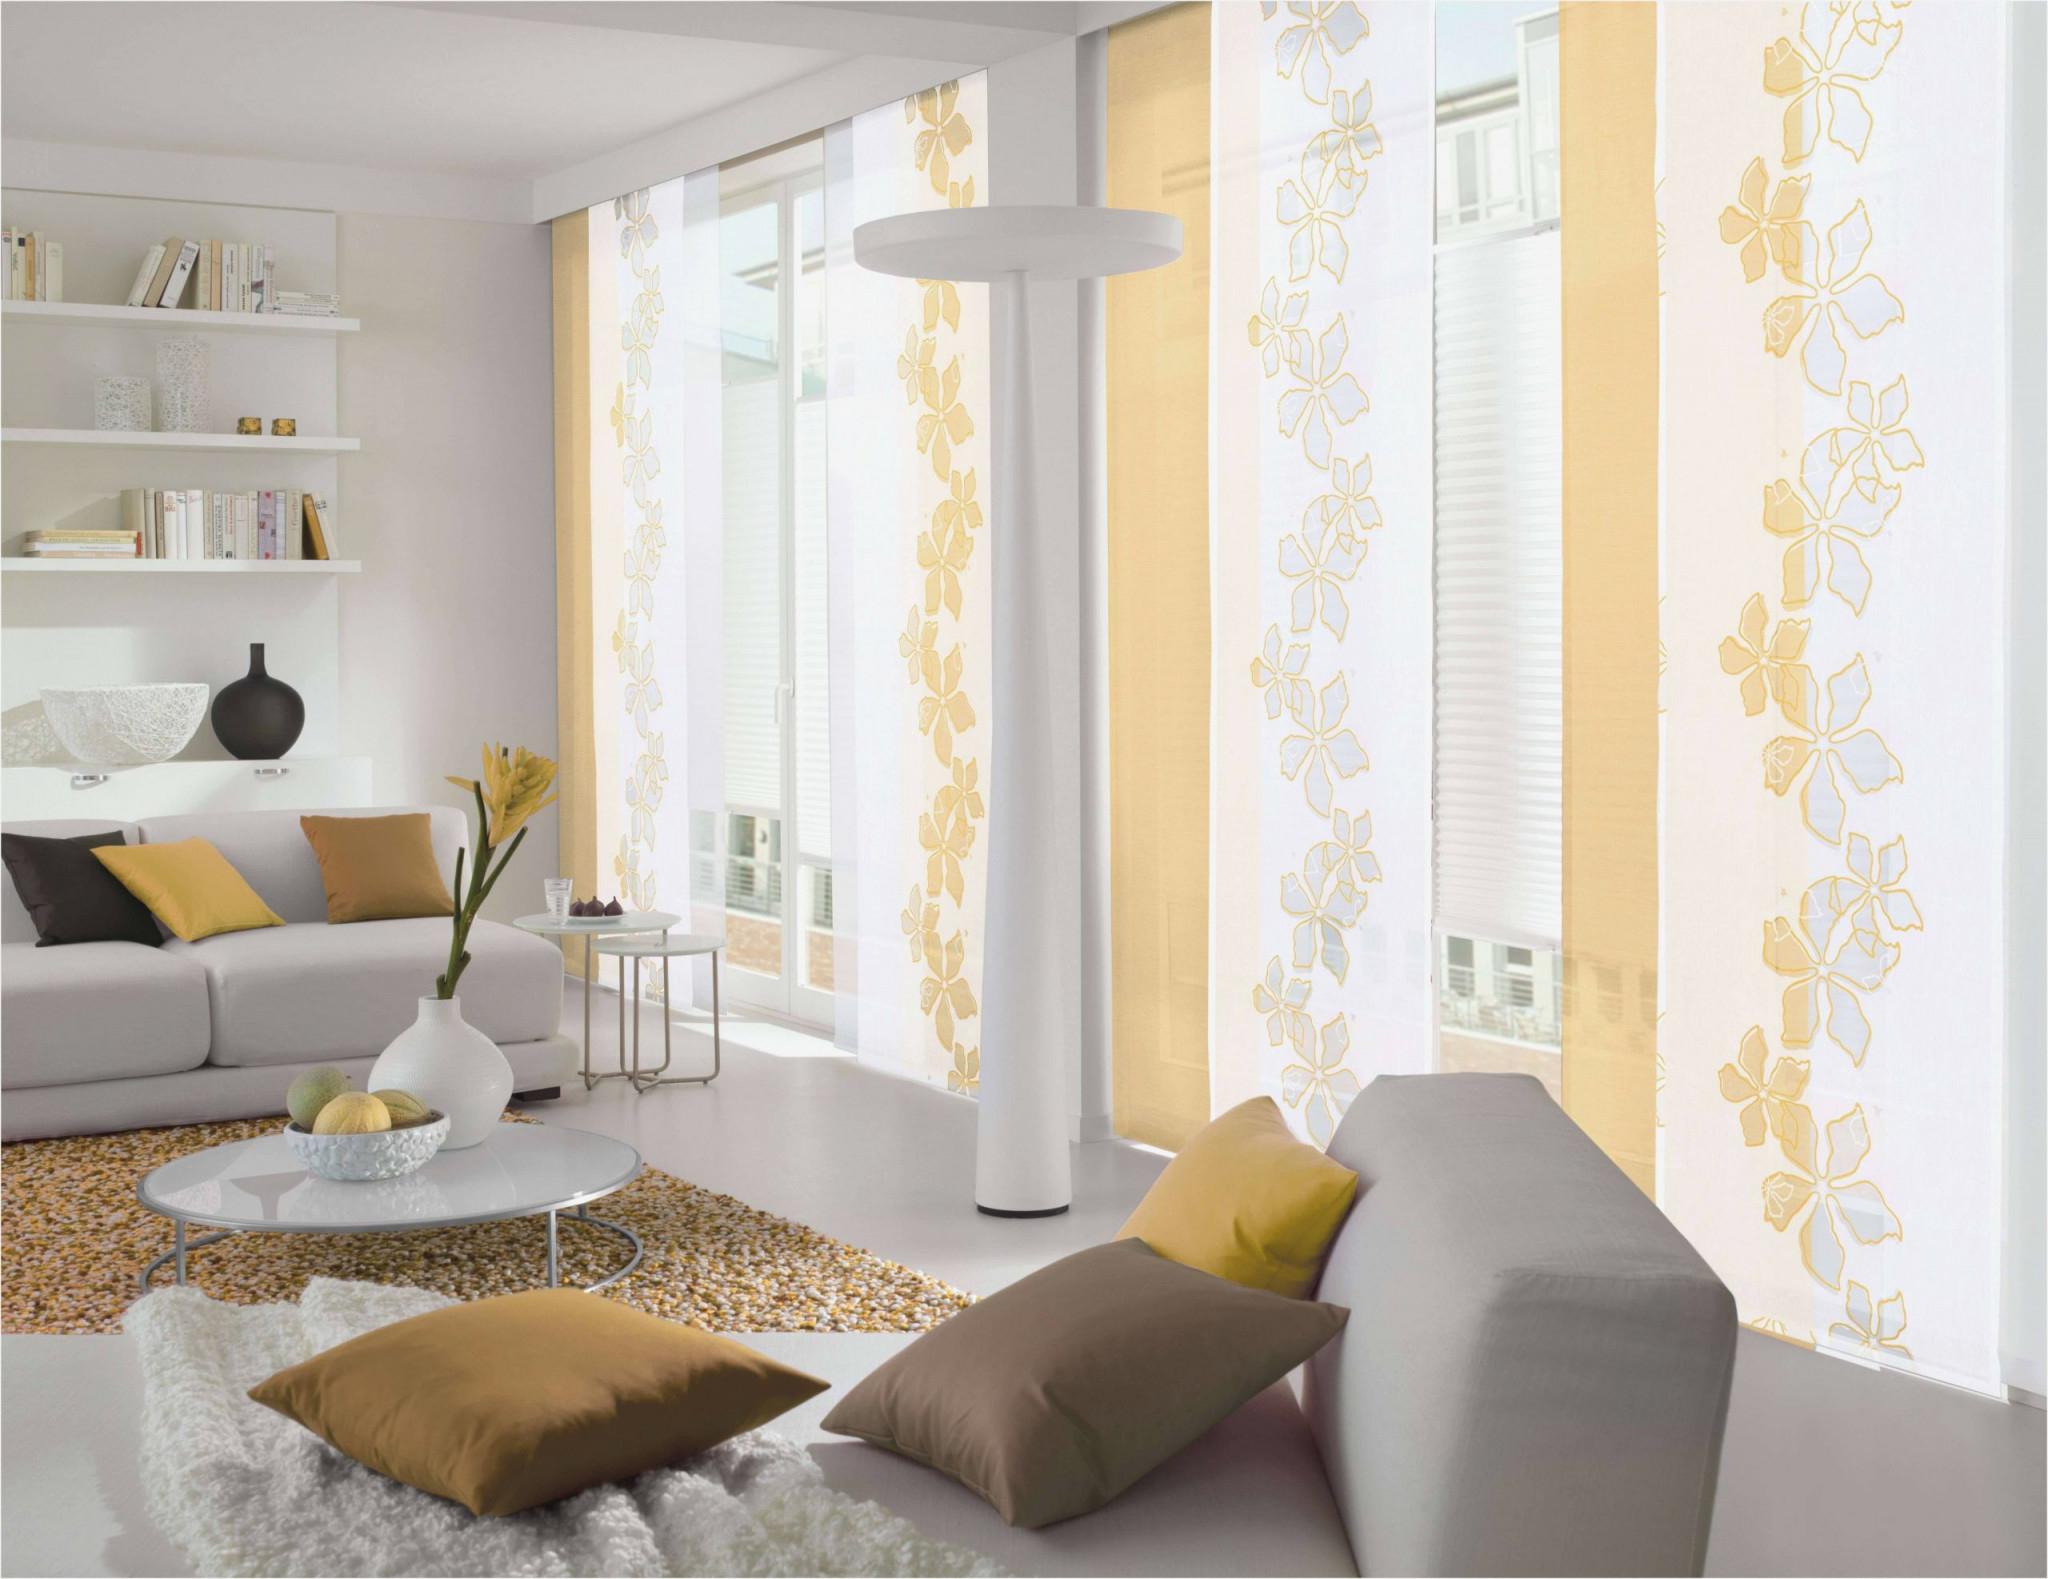 Deko Wohnzimmer In Grn Und Gelb  Wohnzimmer  Traumhaus von Deko Gelb Wohnzimmer Bild